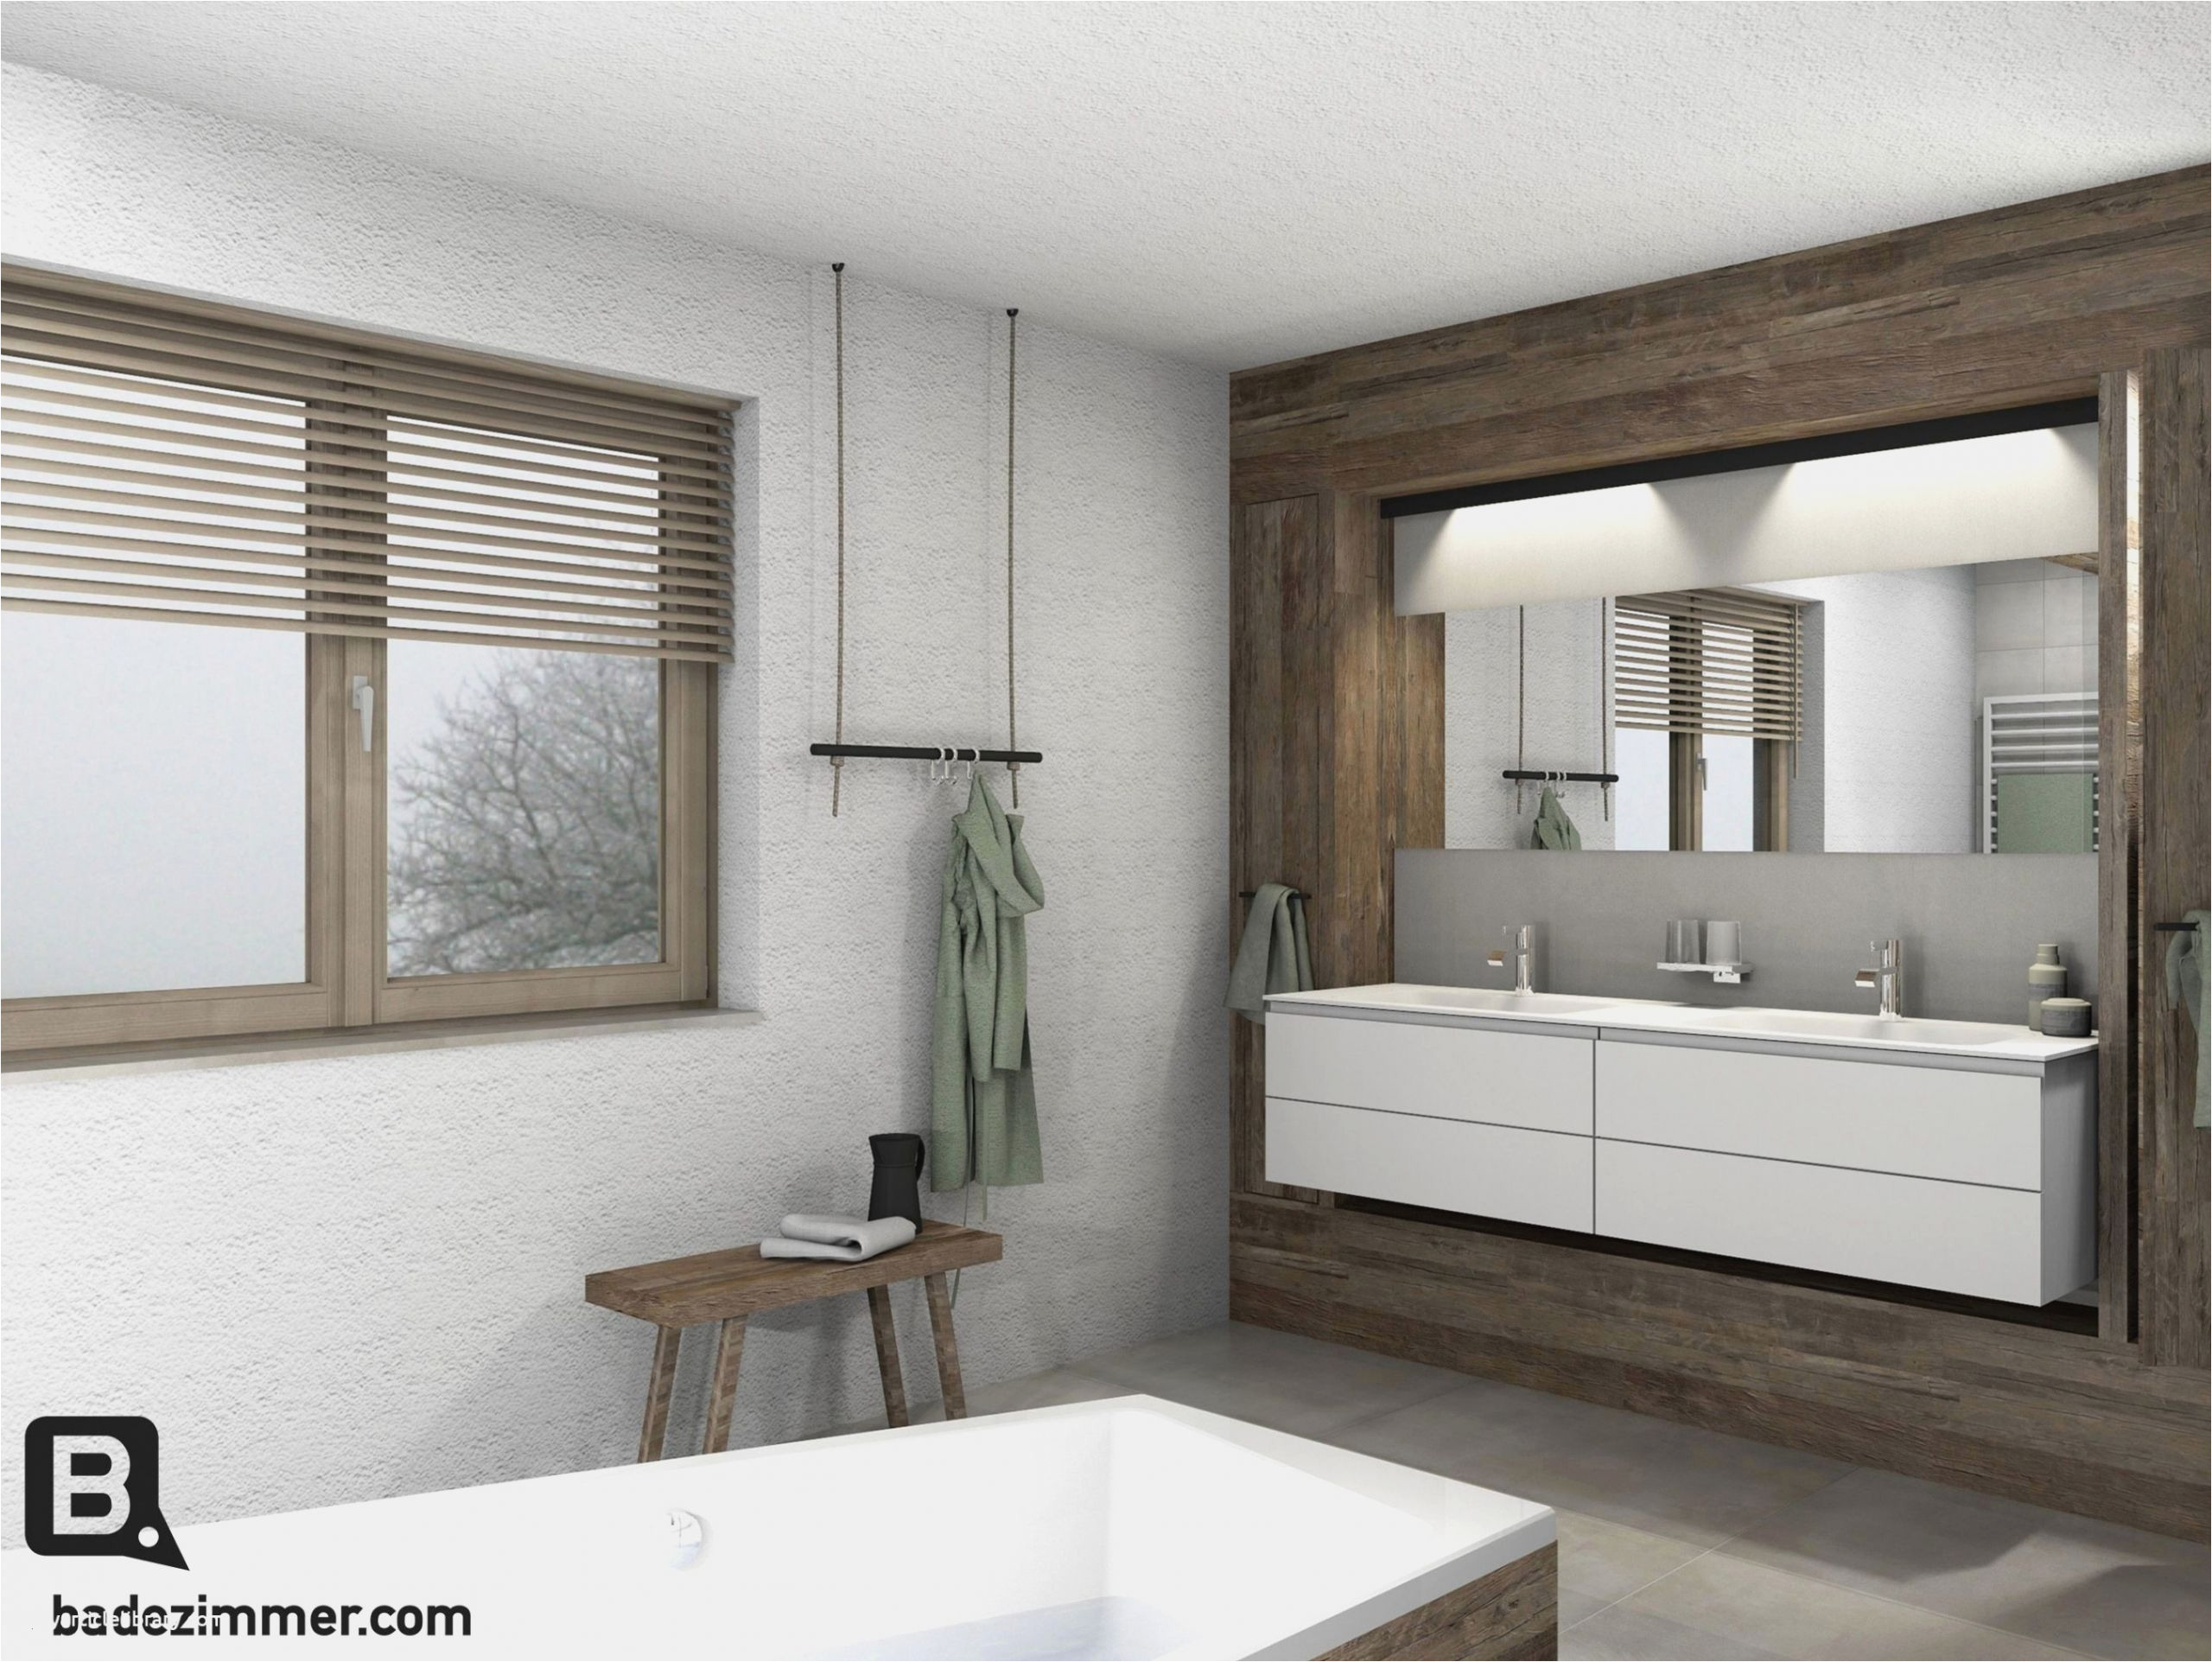 modernes kleines bad schon kleines bad gestalten 4qm temobardz home blog of modernes kleines bad scaled